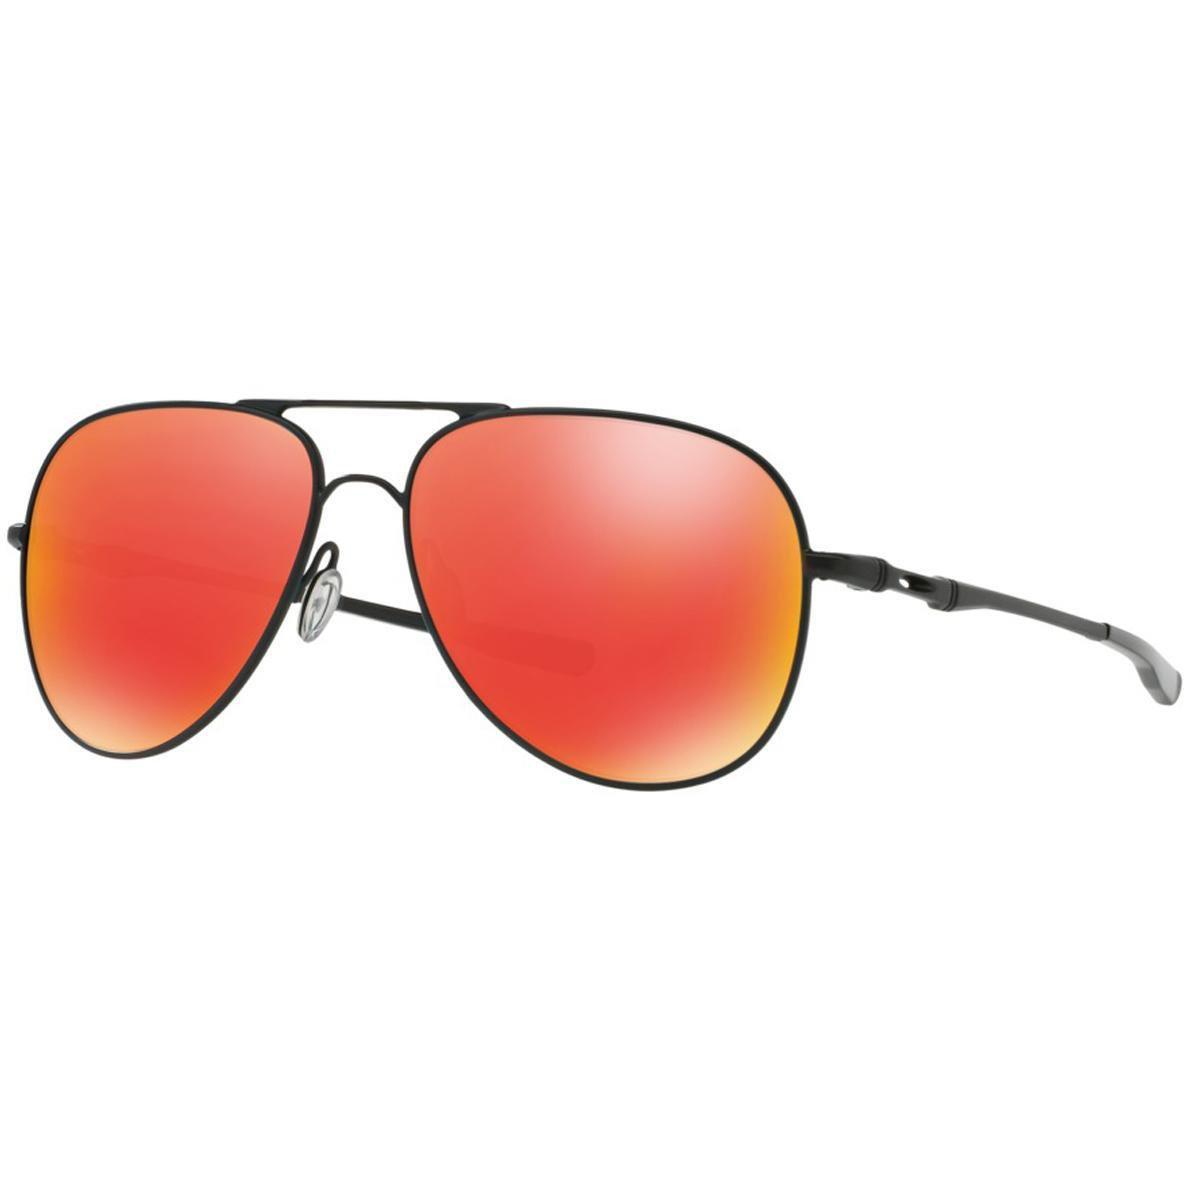 d857c7a65f6d2 Óculos Oakley Elmont L - Compre Agora